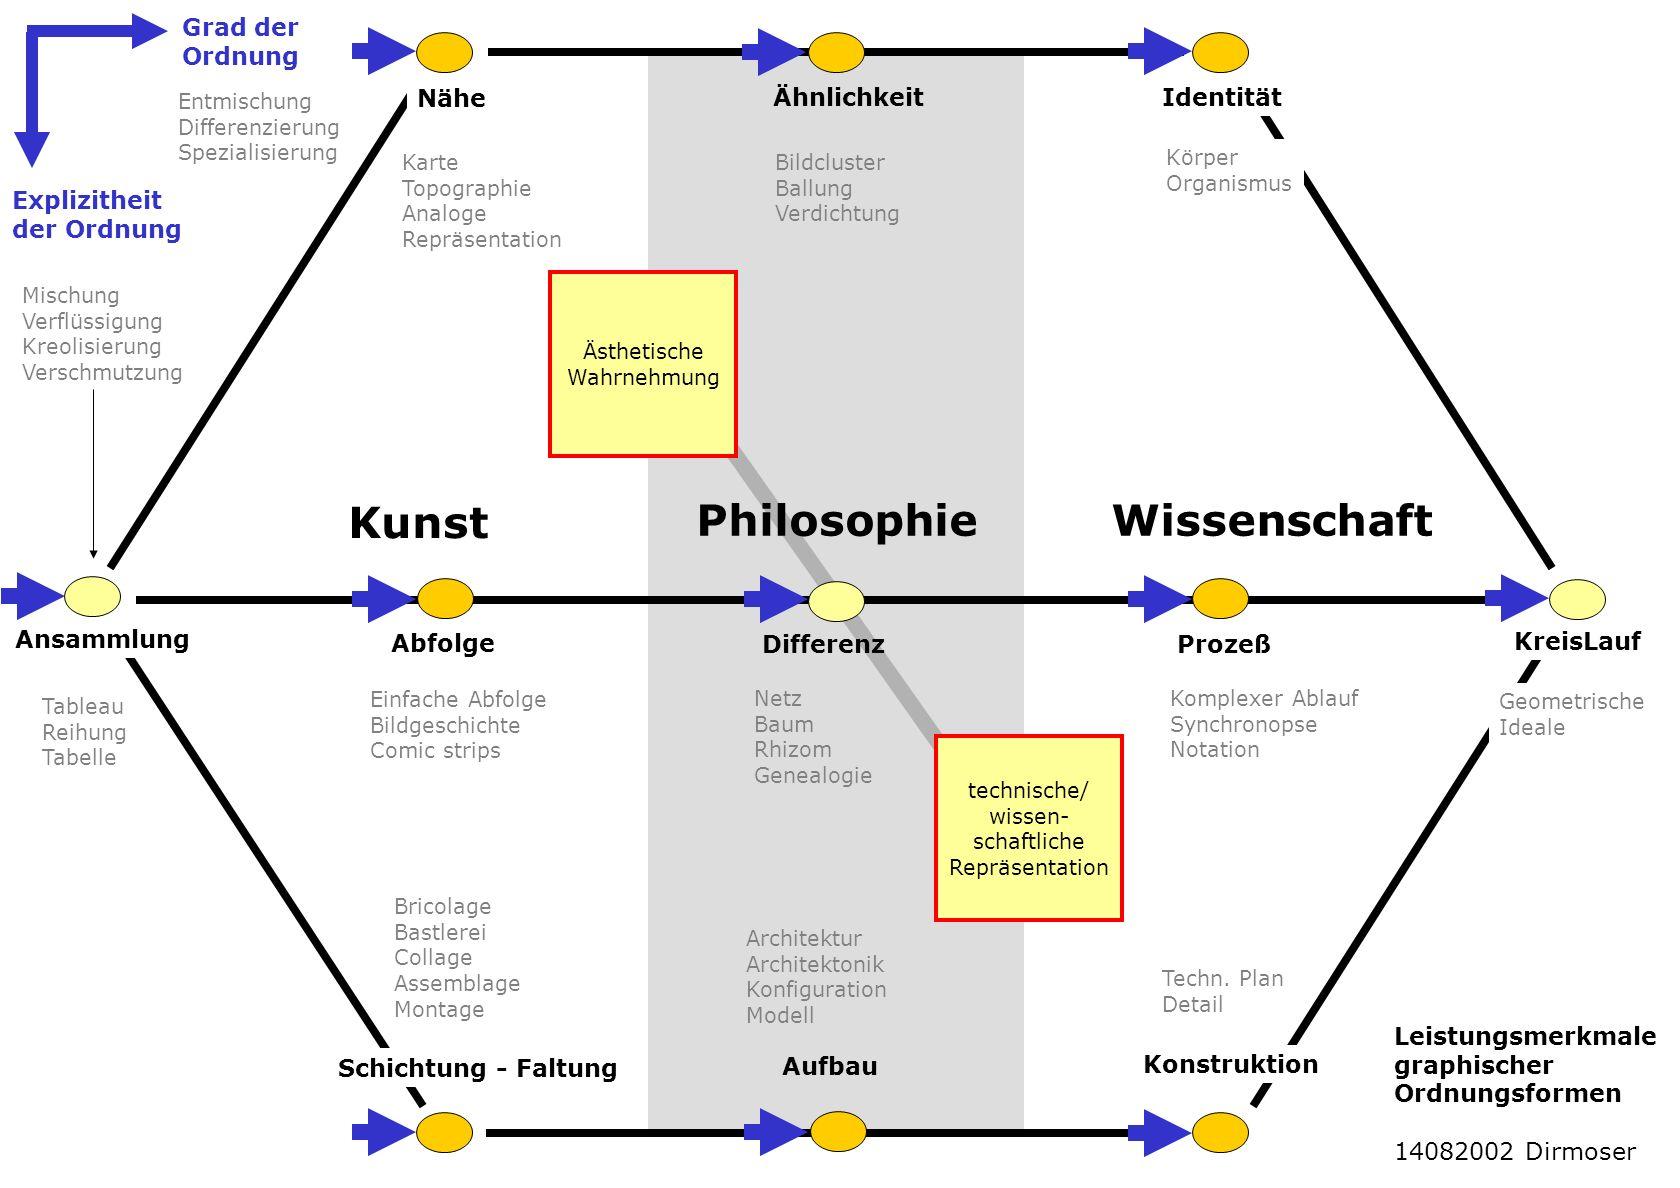 Ähnlichkeit Nähe Identität Ansammlung Abfolge DifferenzProzeß KreisLauf Schichtung - FaltungAufbau Konstruktion Kreis- Dia- gramme Geometr.